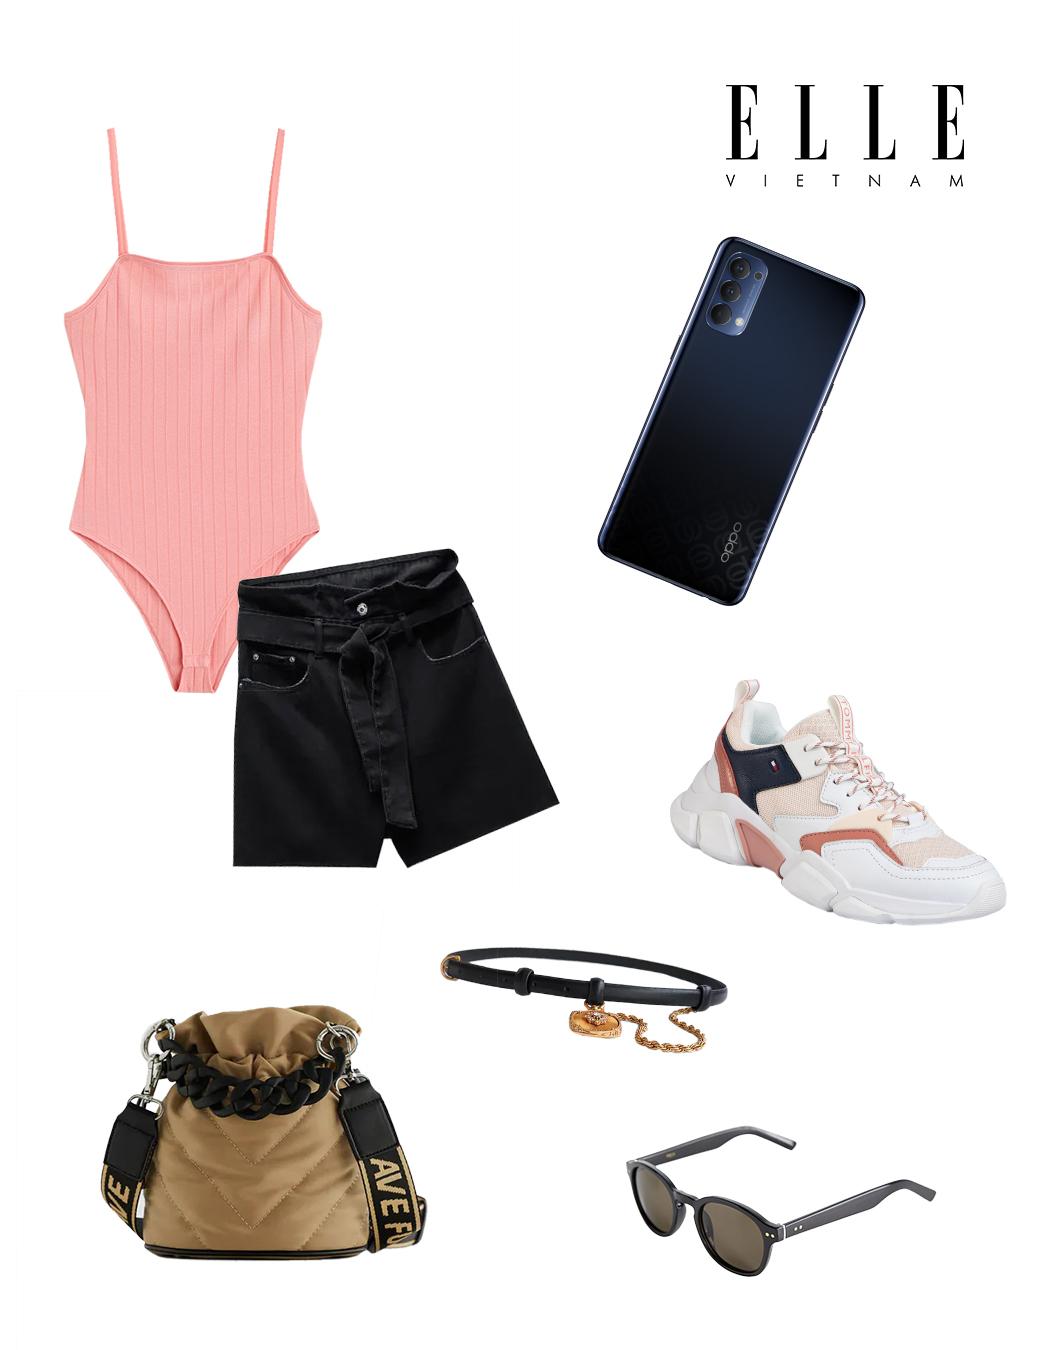 Phối đồ thời trang cùng điện thoại OPPO - Bodysuit hồng, quần shorts đen